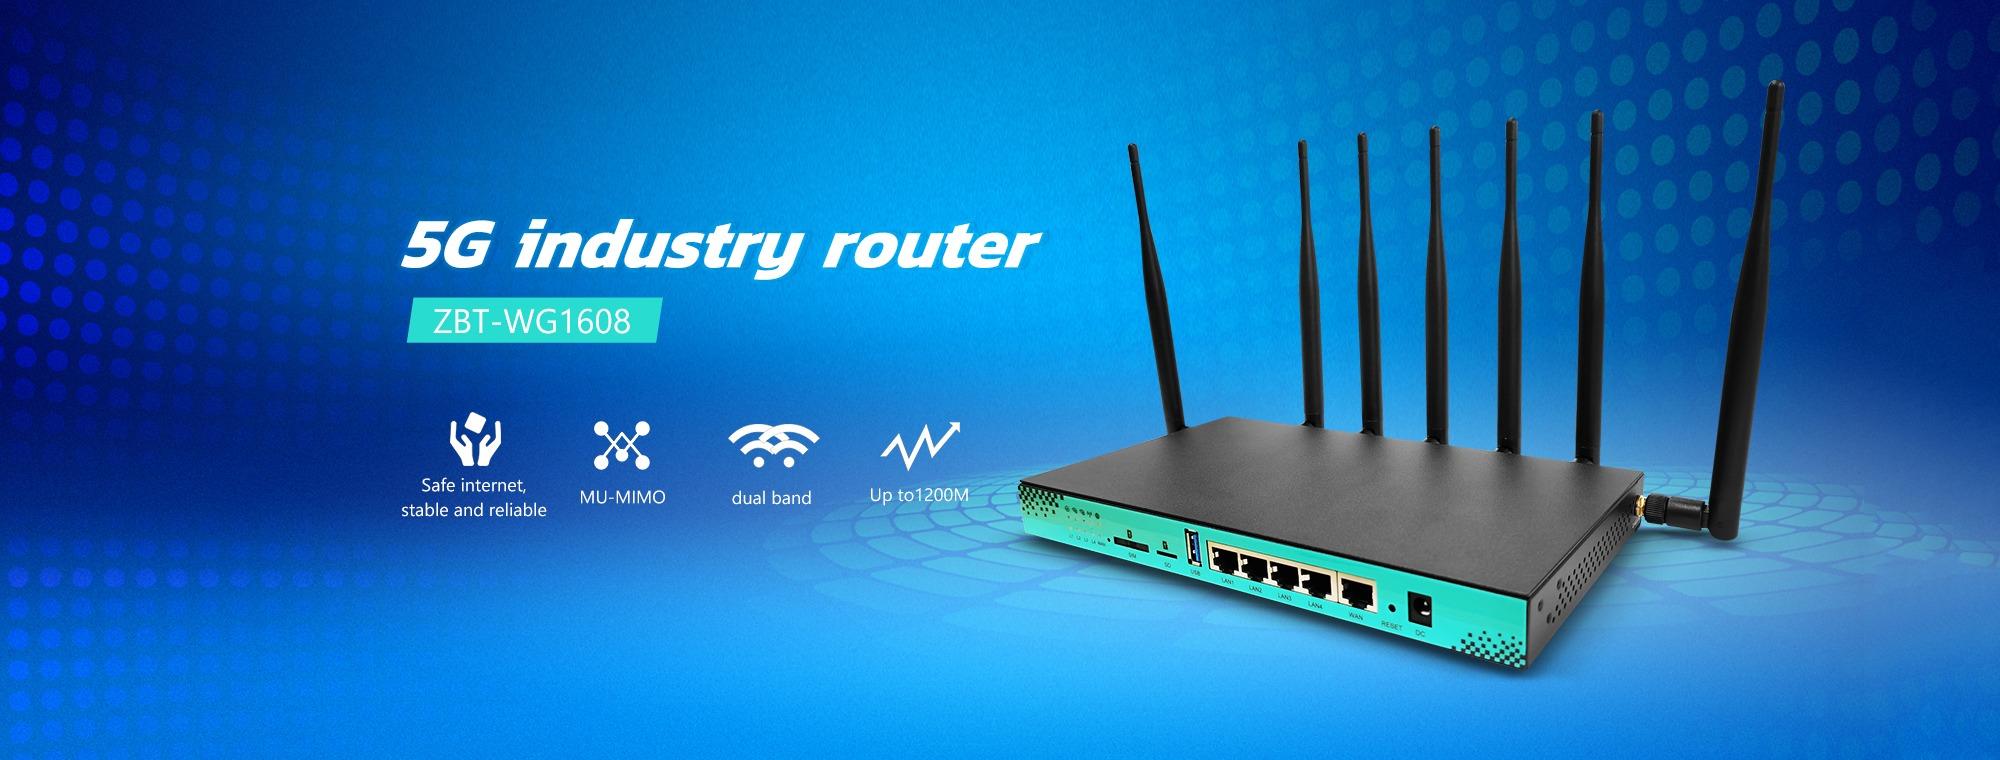 Prise UE SODIAL Routeur WiFi Modem 4G LTE avec Point DAcc/èS pour Carte SIM 128 Mo Openwrt Voiture//Bus GSM Routeur sans Fil 4G LTE USB R/éP/éTeur WE826-T2